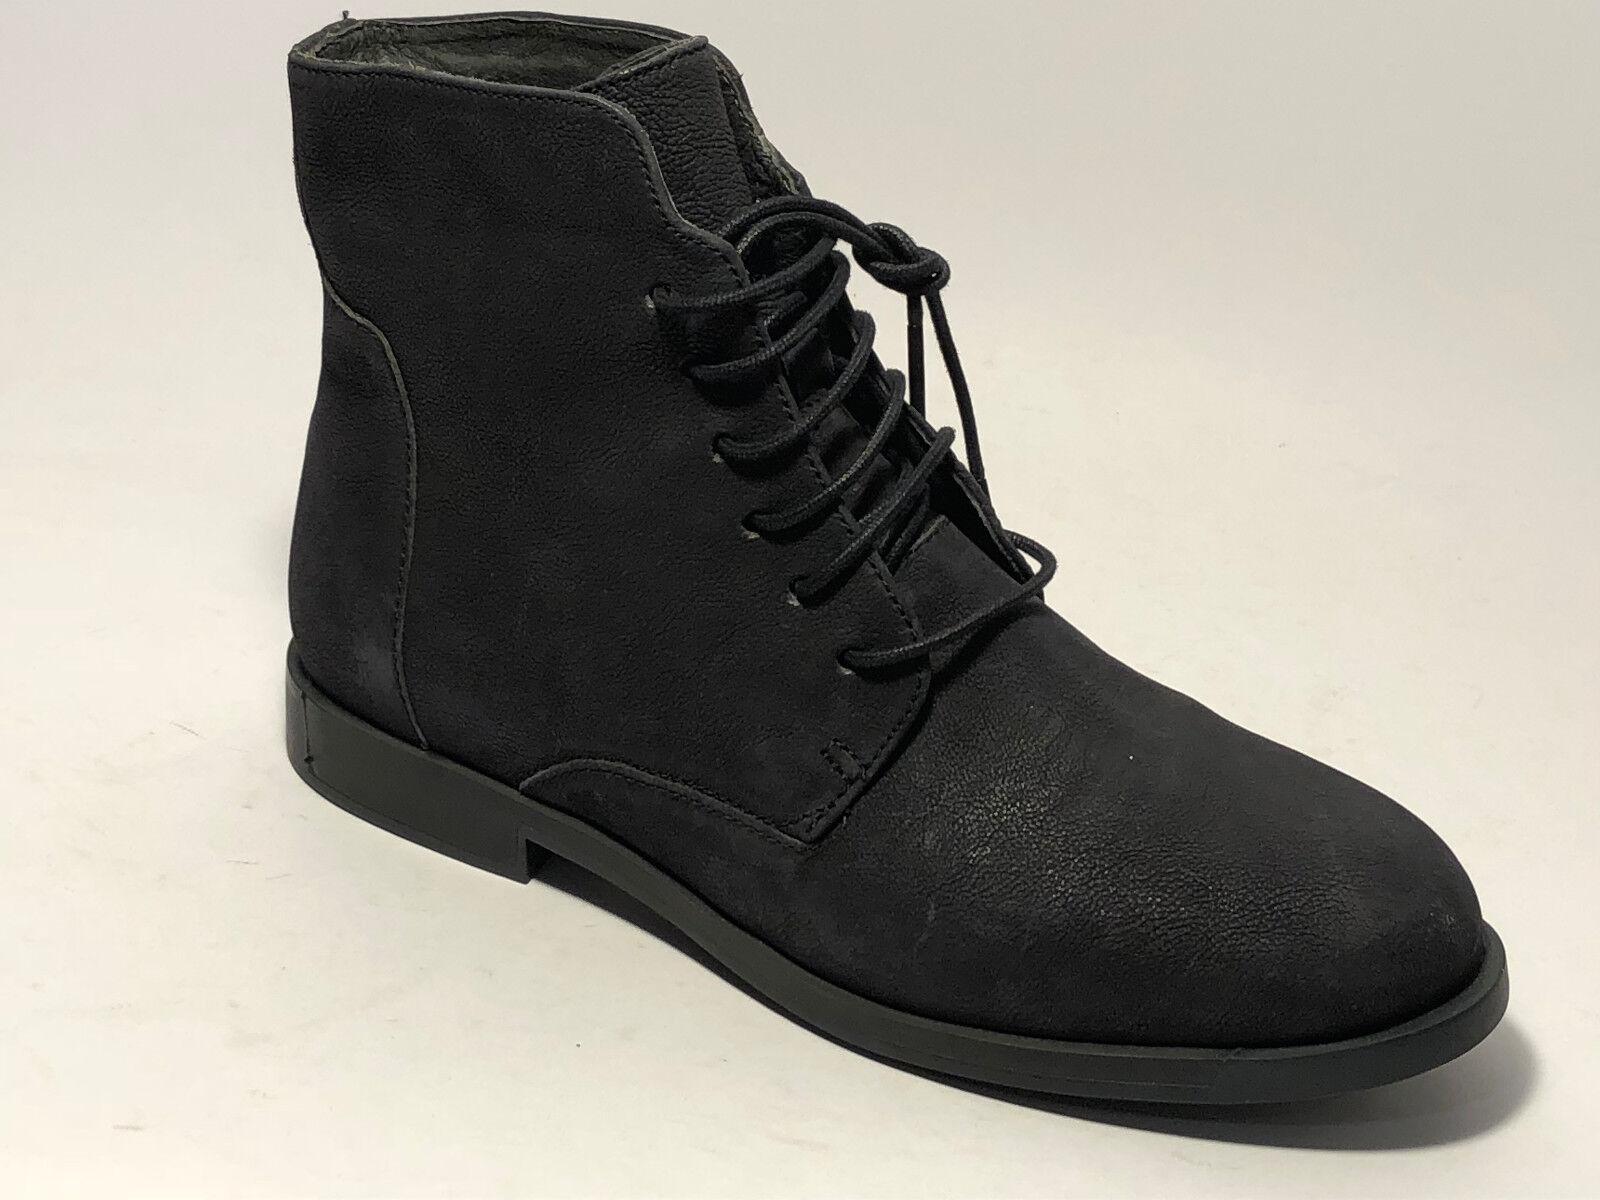 Camper Schuhe Stiefel Nubuk Leder Schür Stiefel Schuhe Größe 37 (UK 4 ) Schwarz Stiefel 3c8002